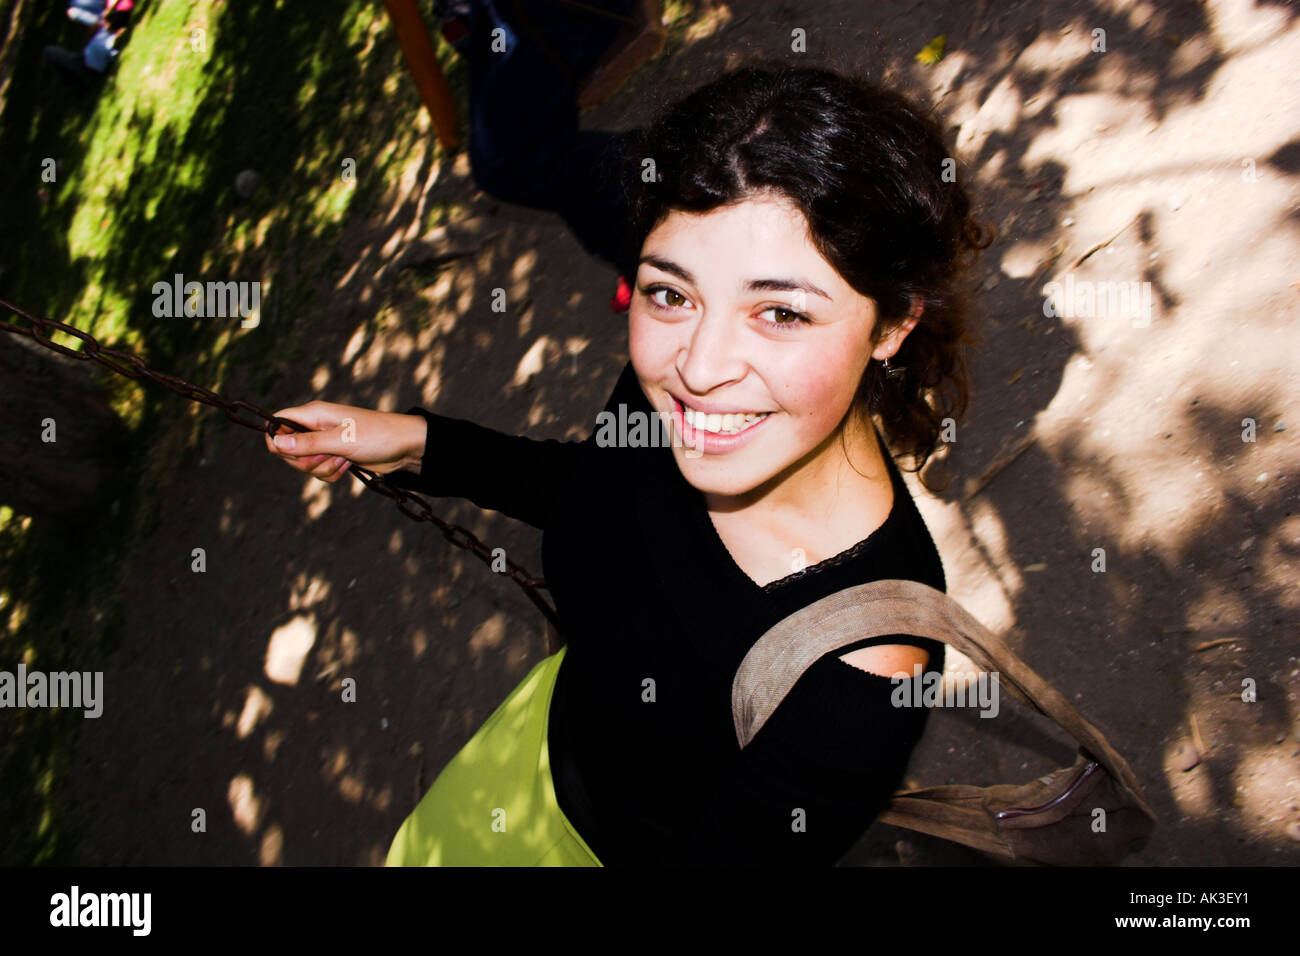 Fun on the swing Stock Photo